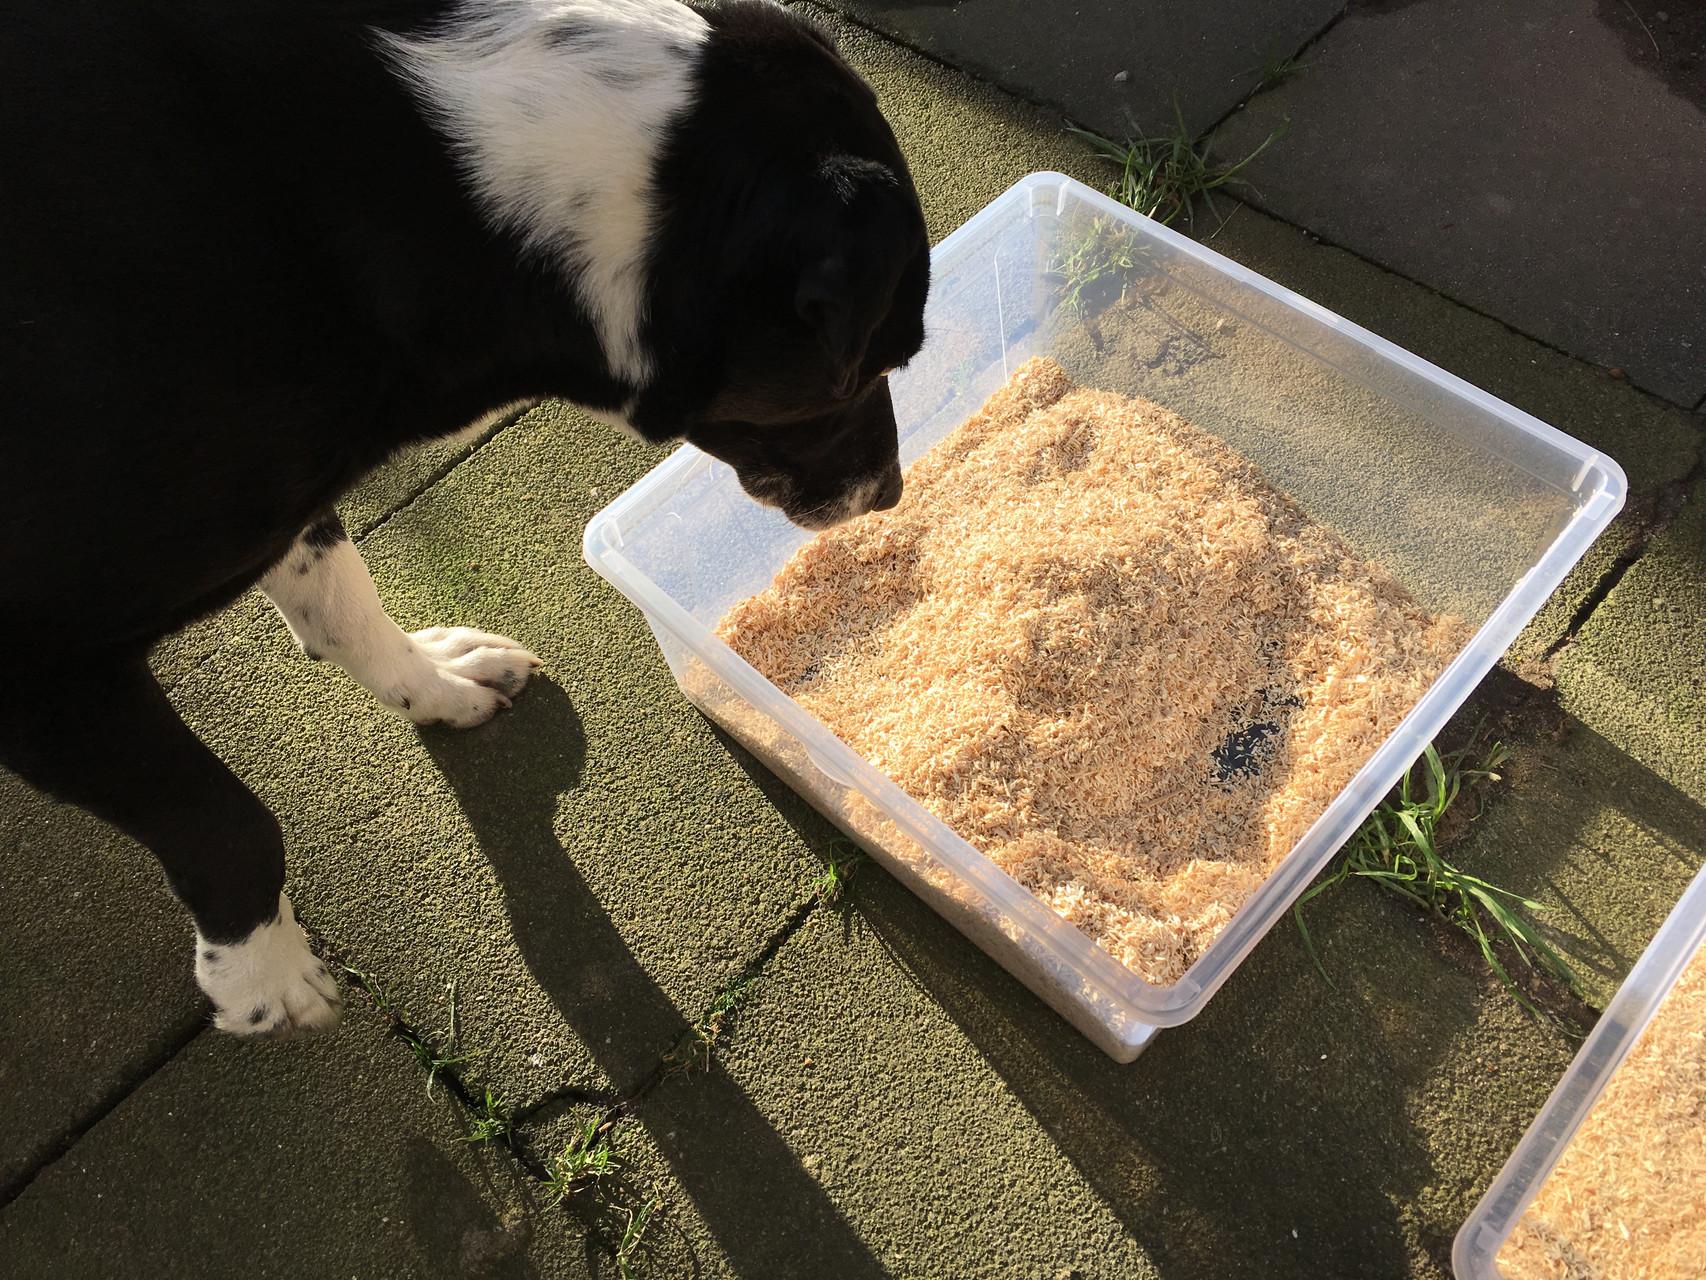 Mein Hund Linux an der Schnüffelkiste